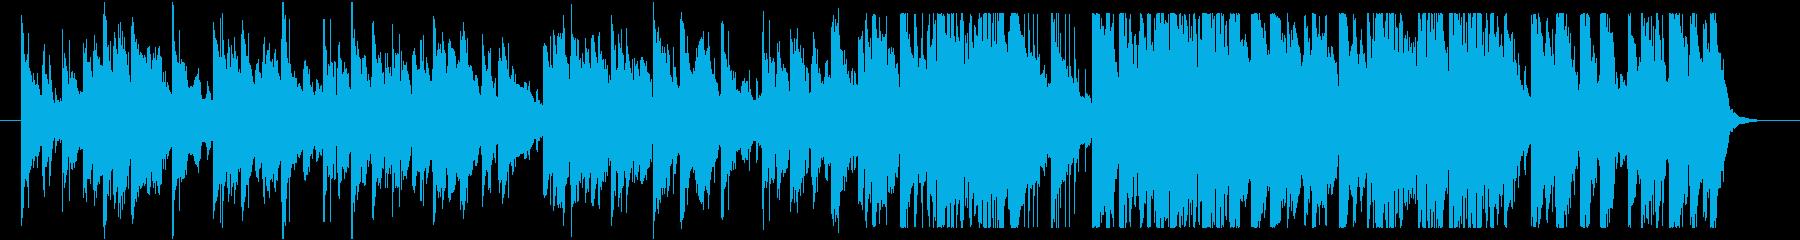 ラテン ジャズ タンゴ サンバ ほ...の再生済みの波形